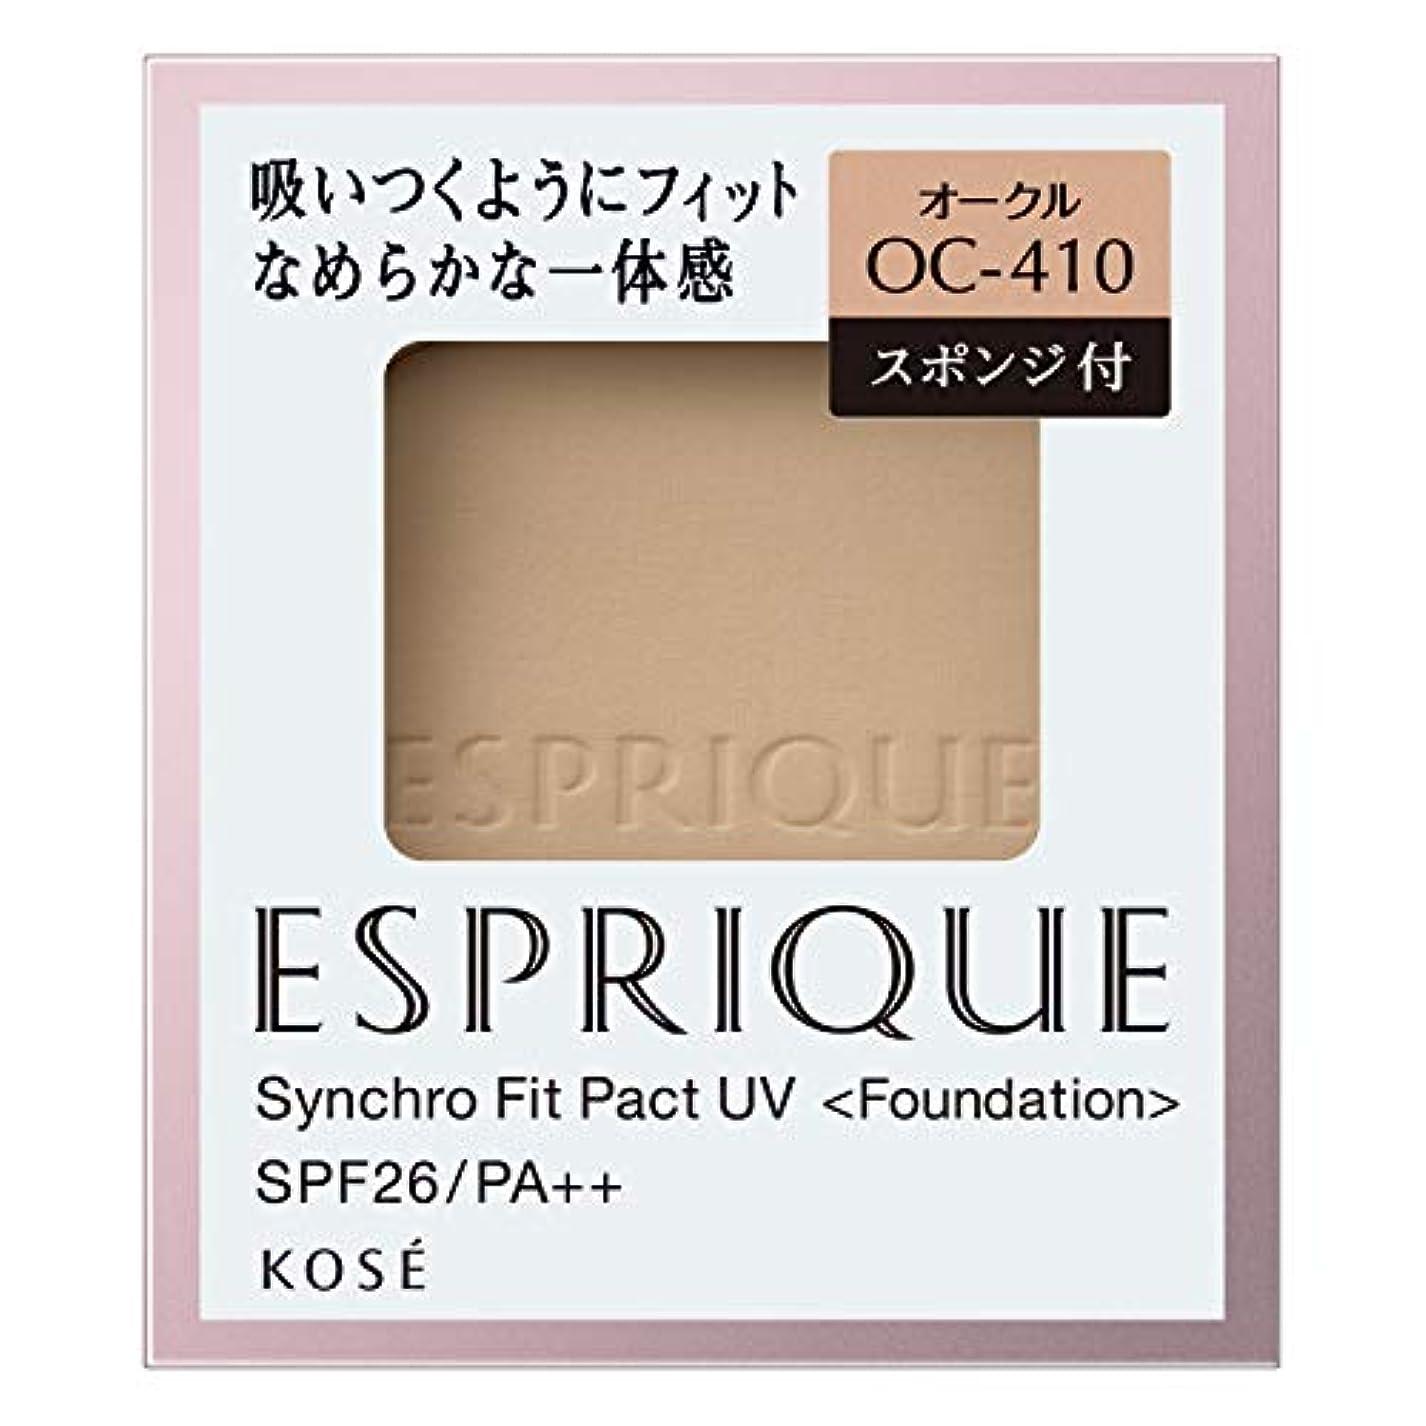 広いガイド遺伝的エスプリーク シンクロフィット パクト UV OC-410 オークル 9.3g